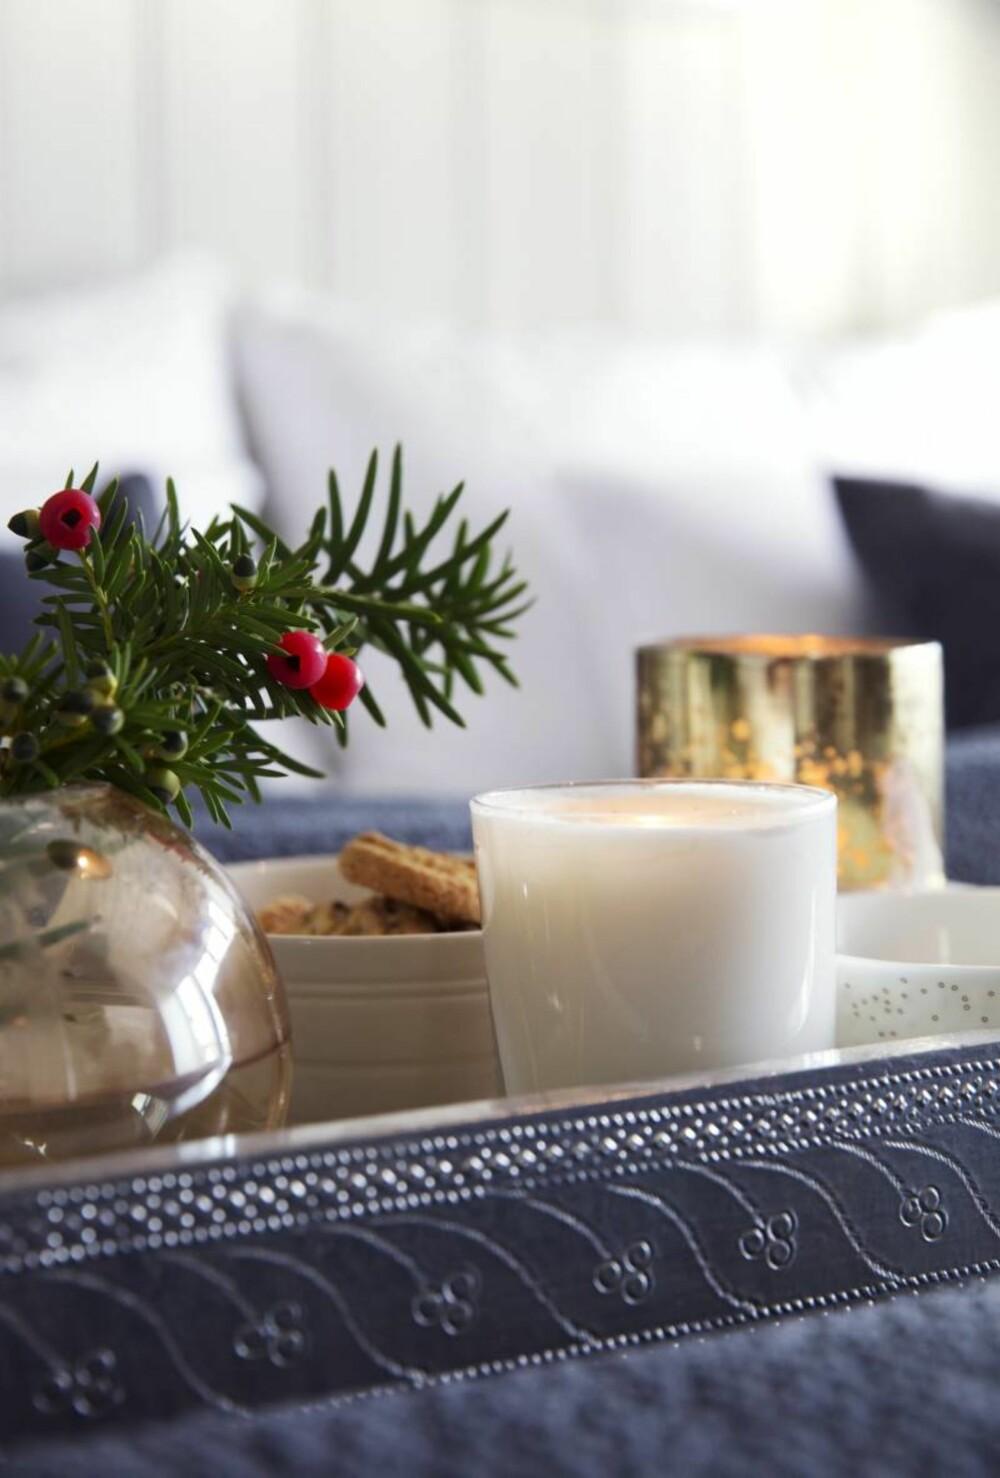 Gyllen giv. Thea har mye arvegods og glassene i krystall er noe av det eldste hun eier. I julen får de definitivt skinne på bordet. Styling: Tone Kroken.